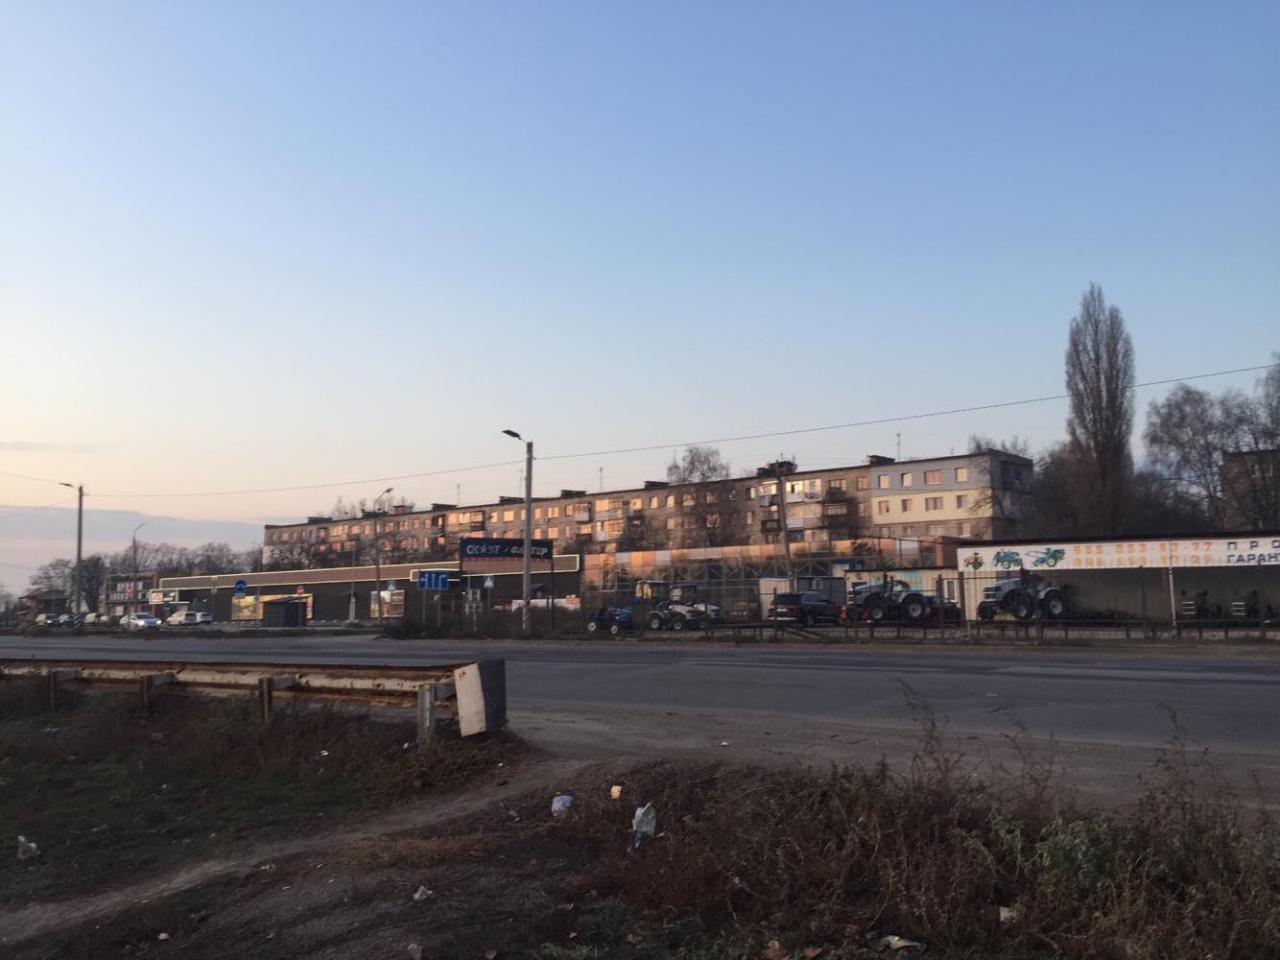 Київске шоссе, депутати дозволять будувати заправку, склади, магазини і багатоповерхівки. Все за хабар 100 000 дол.